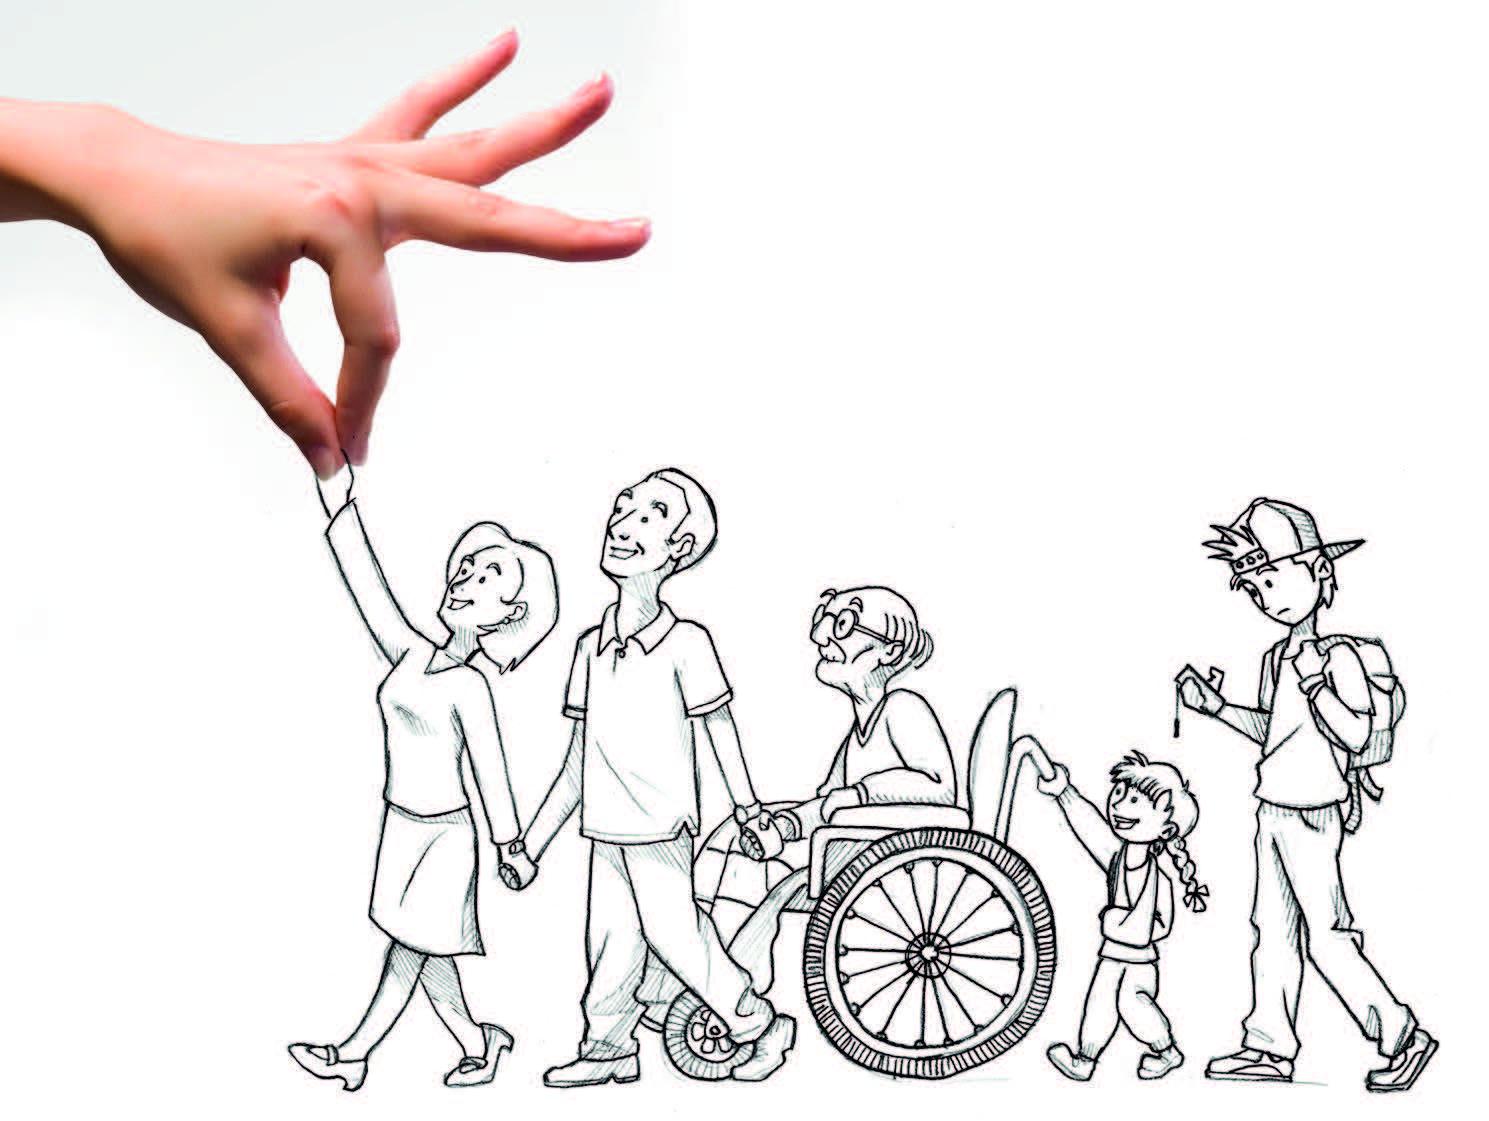 Servizi e operatori sociali: in arrivo (finalmente) controlli stringenti